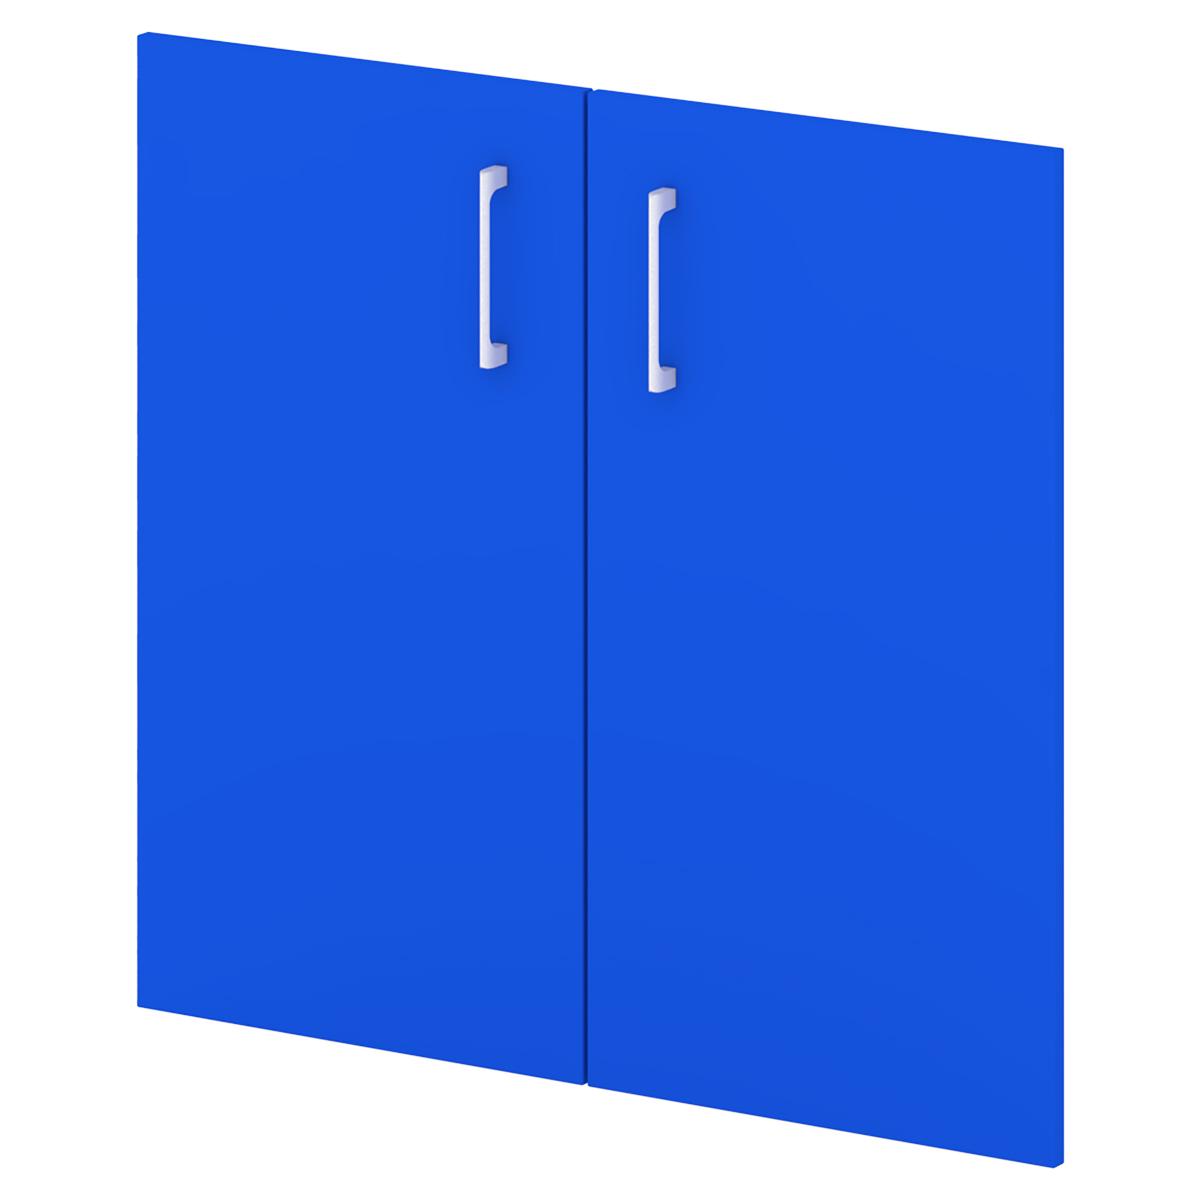 Двери низкие ЛДСП S-010-522 Sentida Color